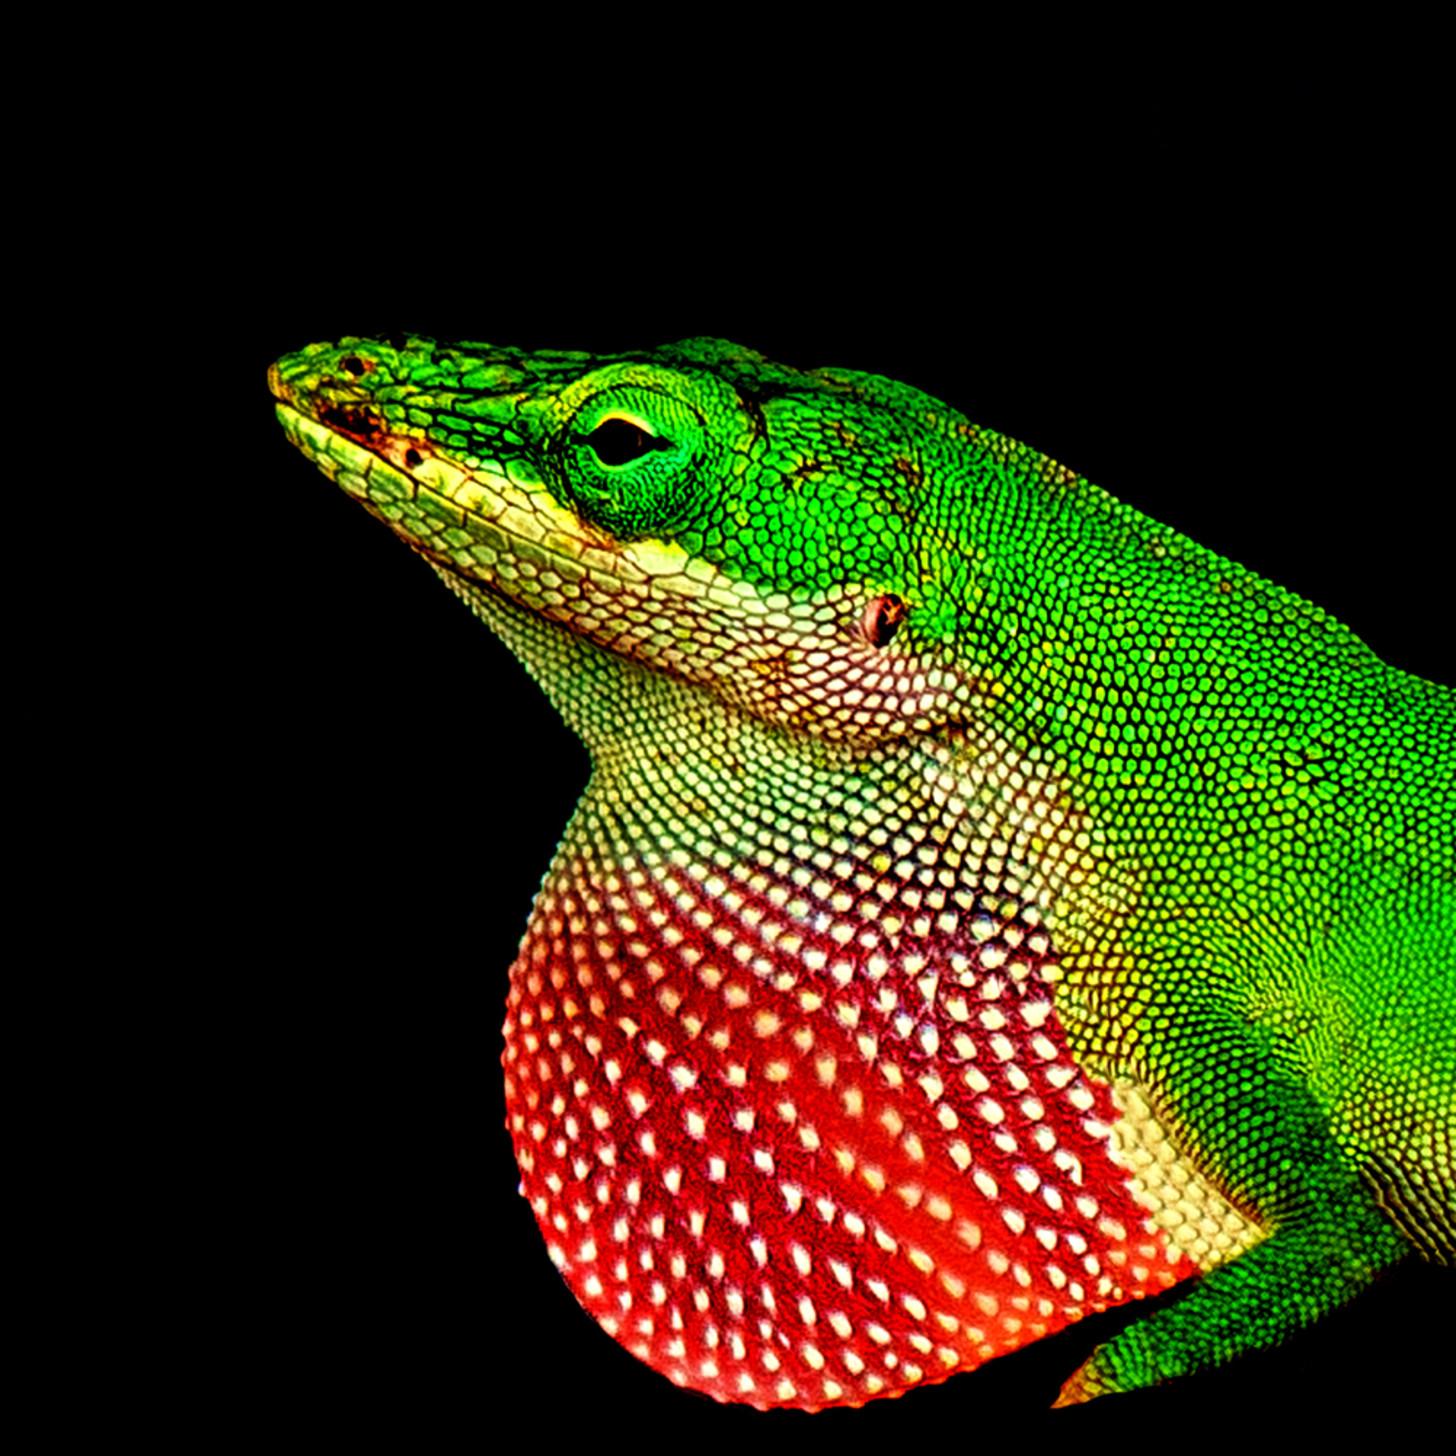 Lizard bs7mdq